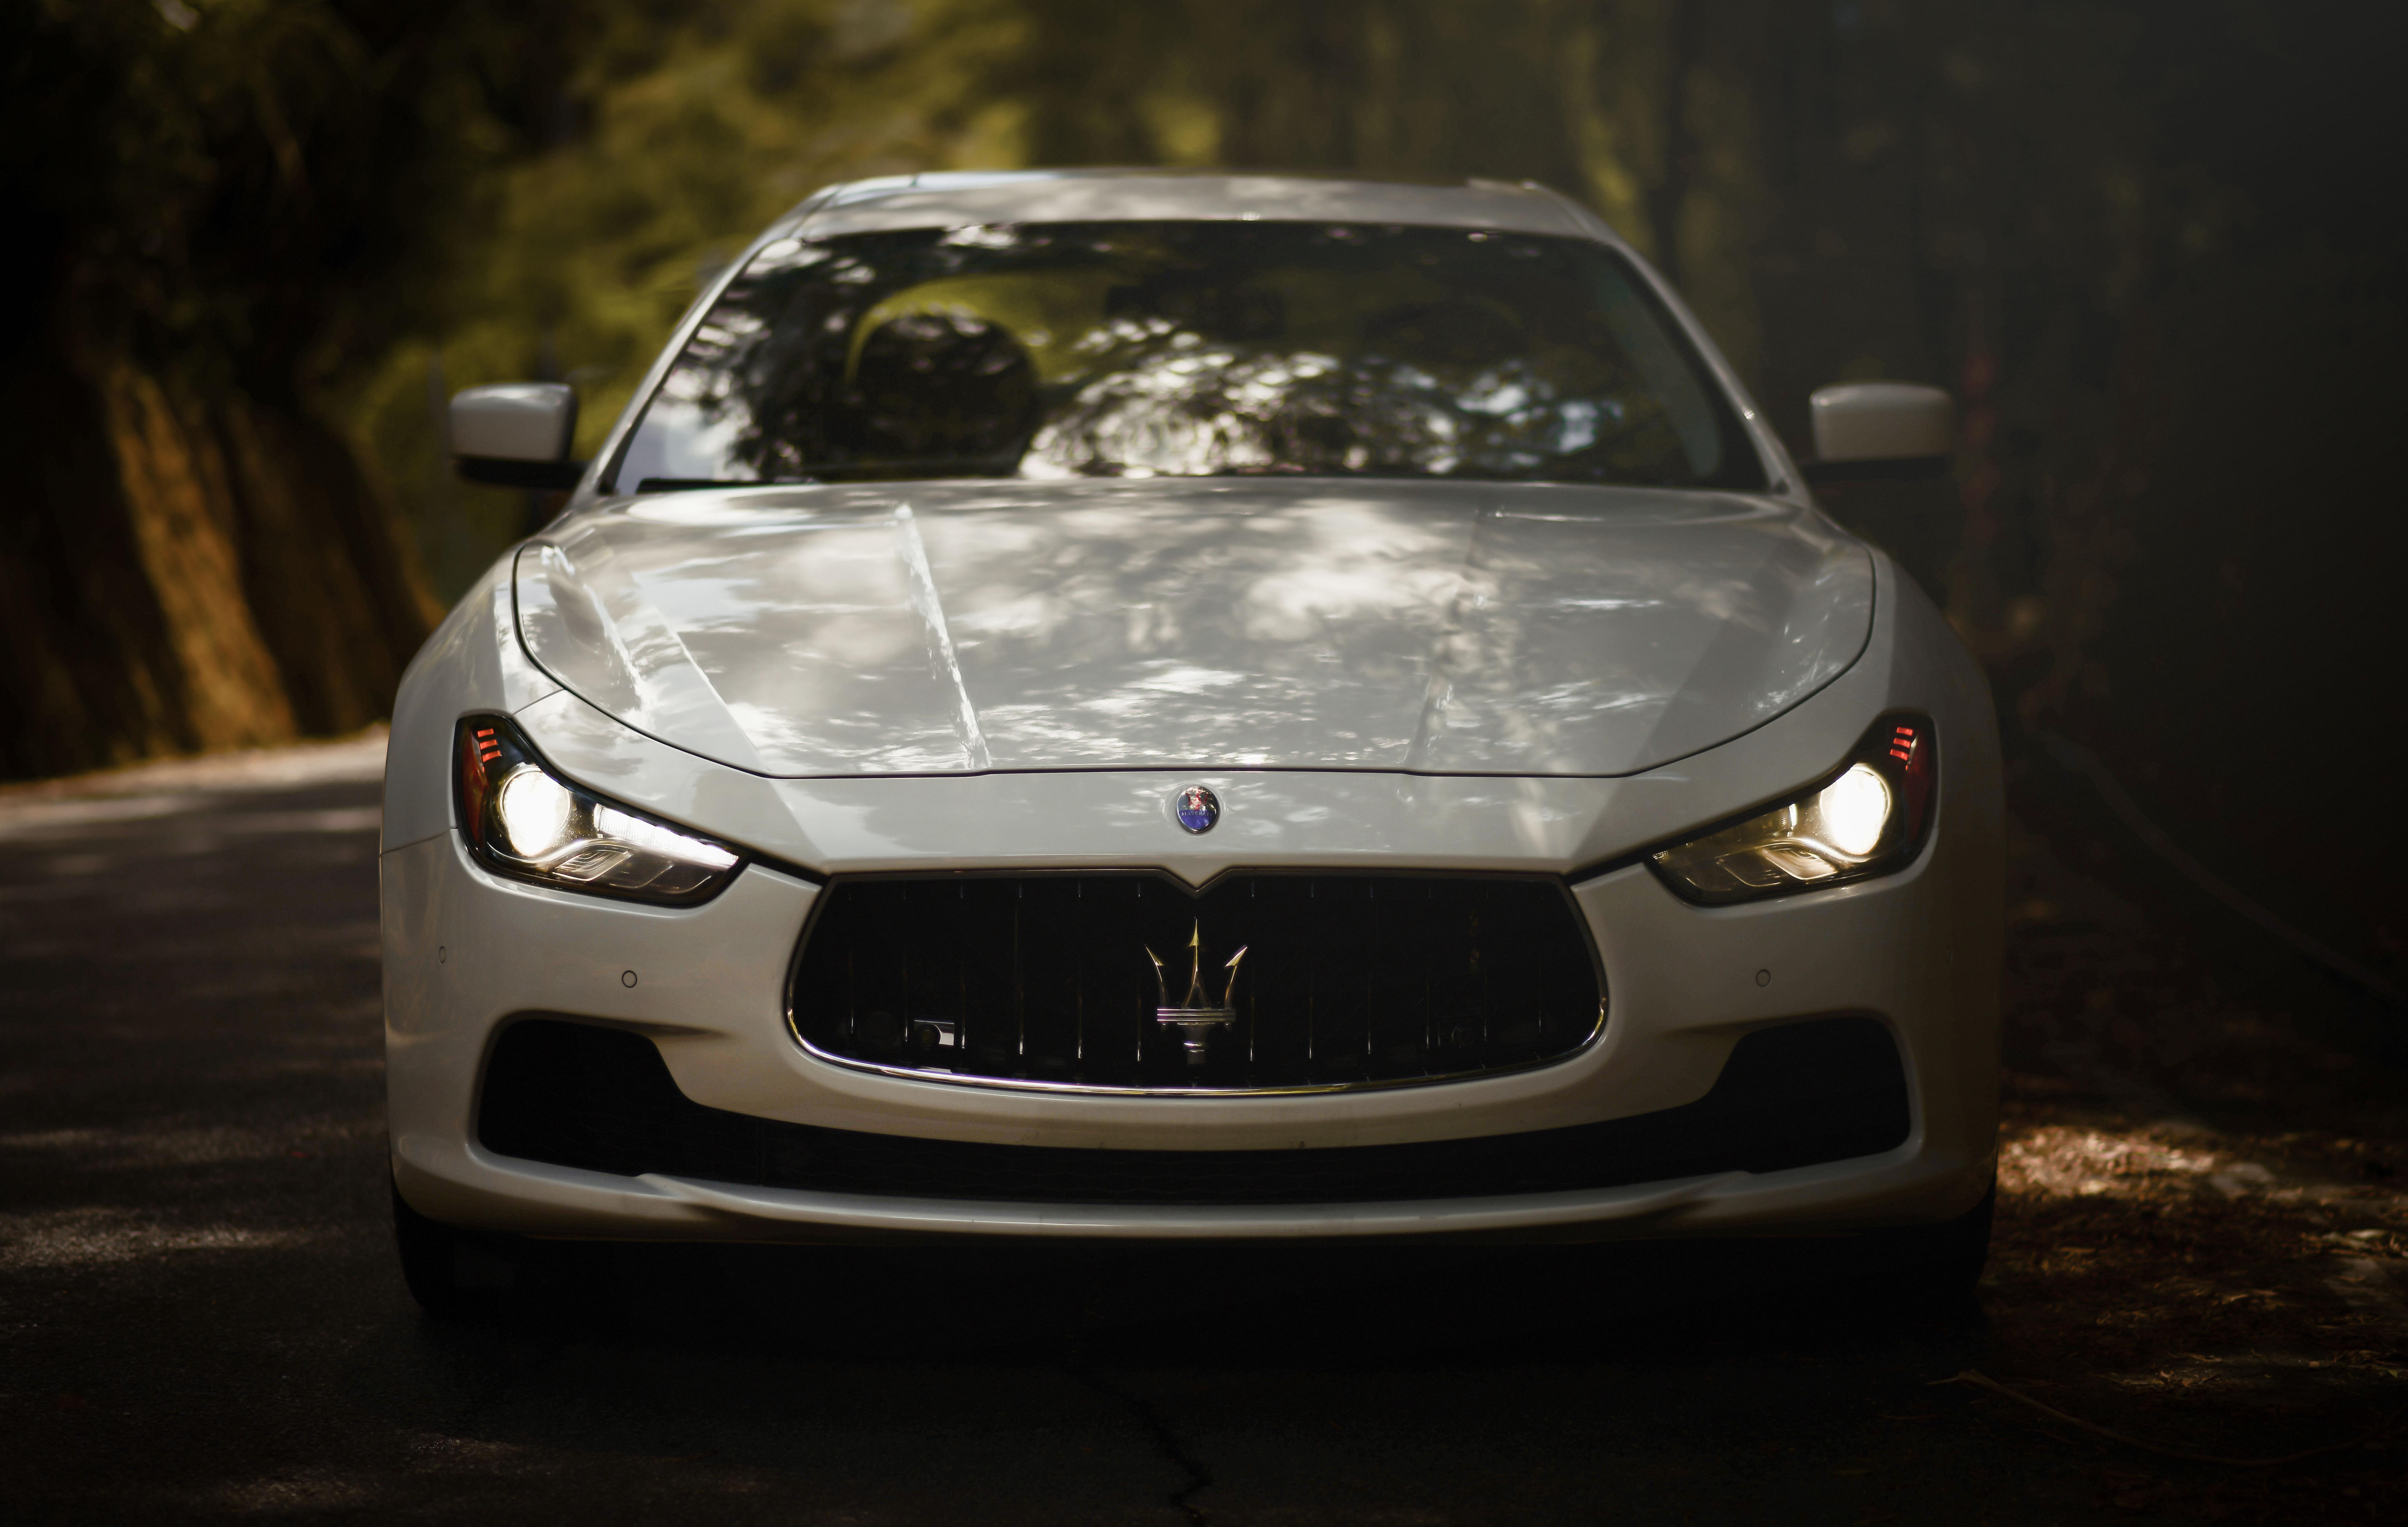 146208 Hintergrundbild herunterladen Sport, Auto, Maserati, Cars, Vorderansicht, Frontansicht, Maschine, Sportwagen, Maserati Ghibli - Bildschirmschoner und Bilder kostenlos